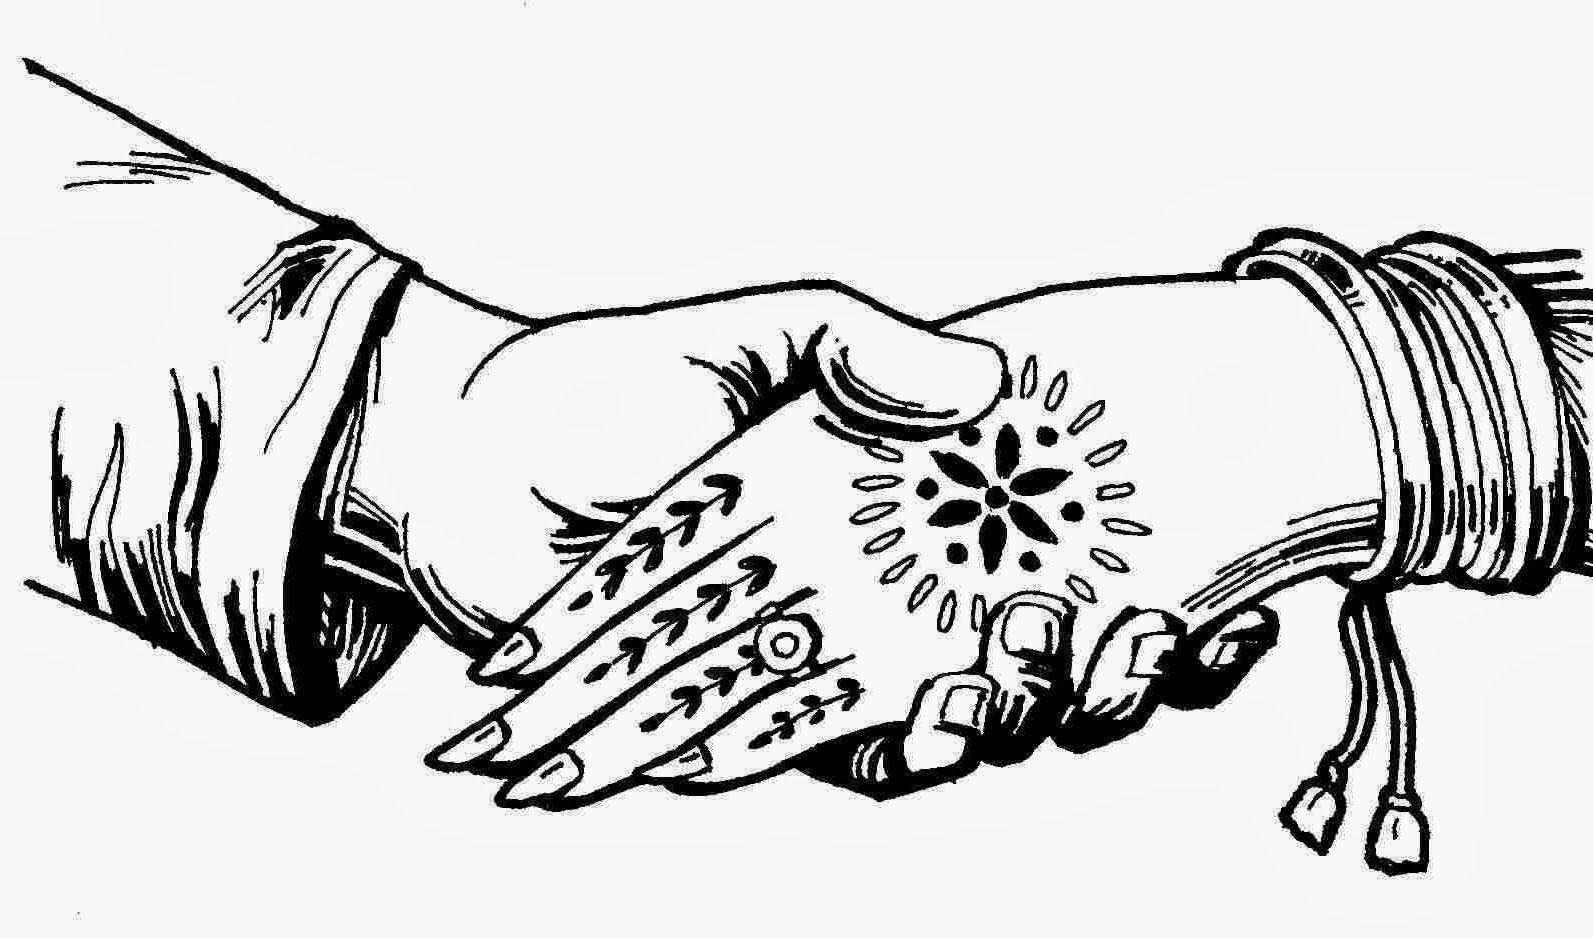 Bridal clipart symbol. Indian wedding symbols fonts